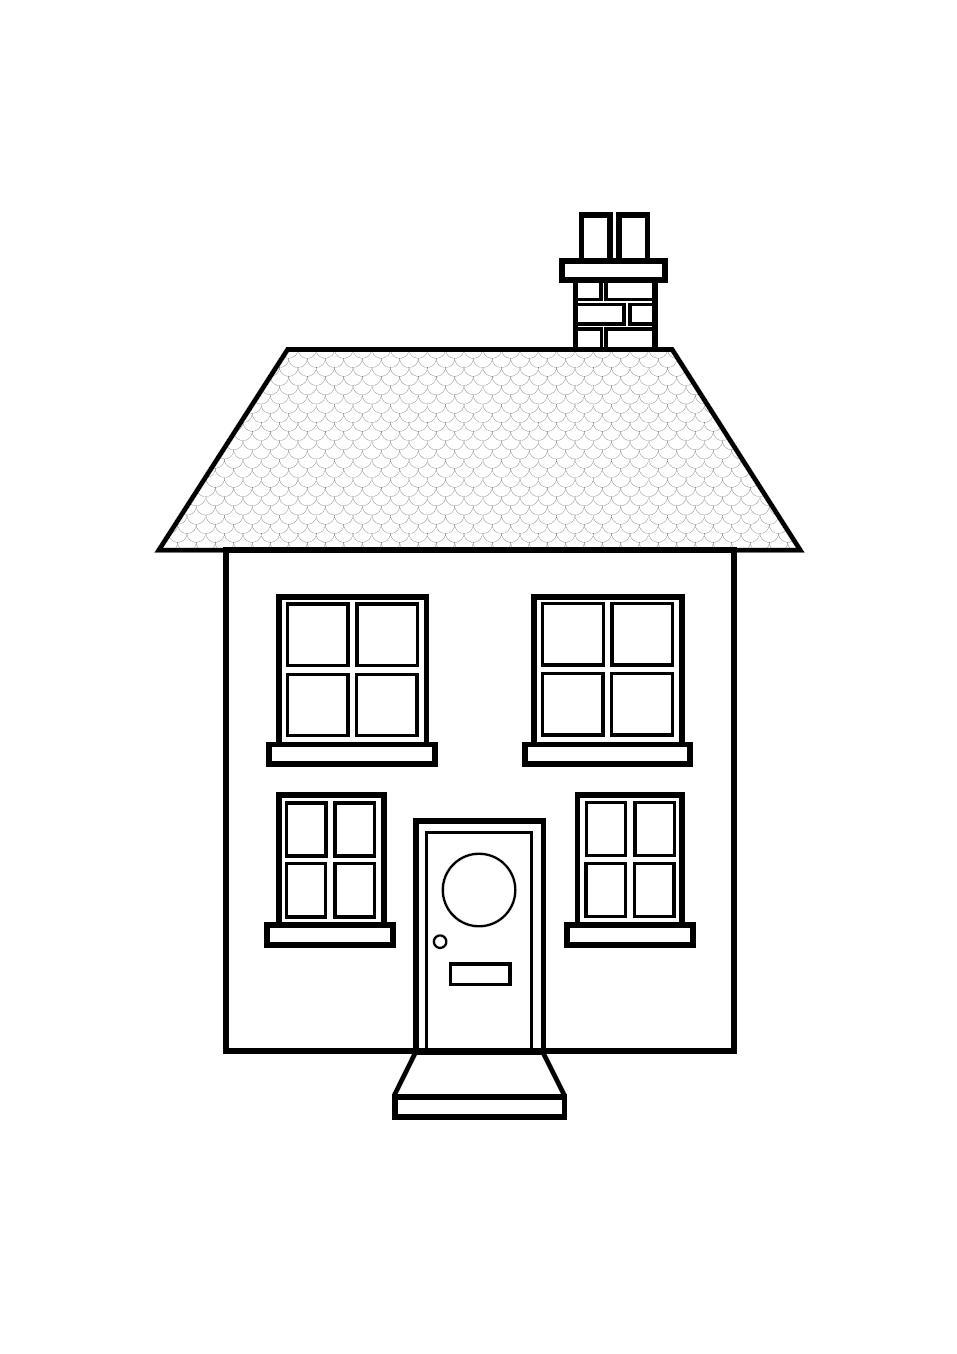 Domy I Mieszkania D Dom Mieszkanie Kolorowanka 51 Jpg